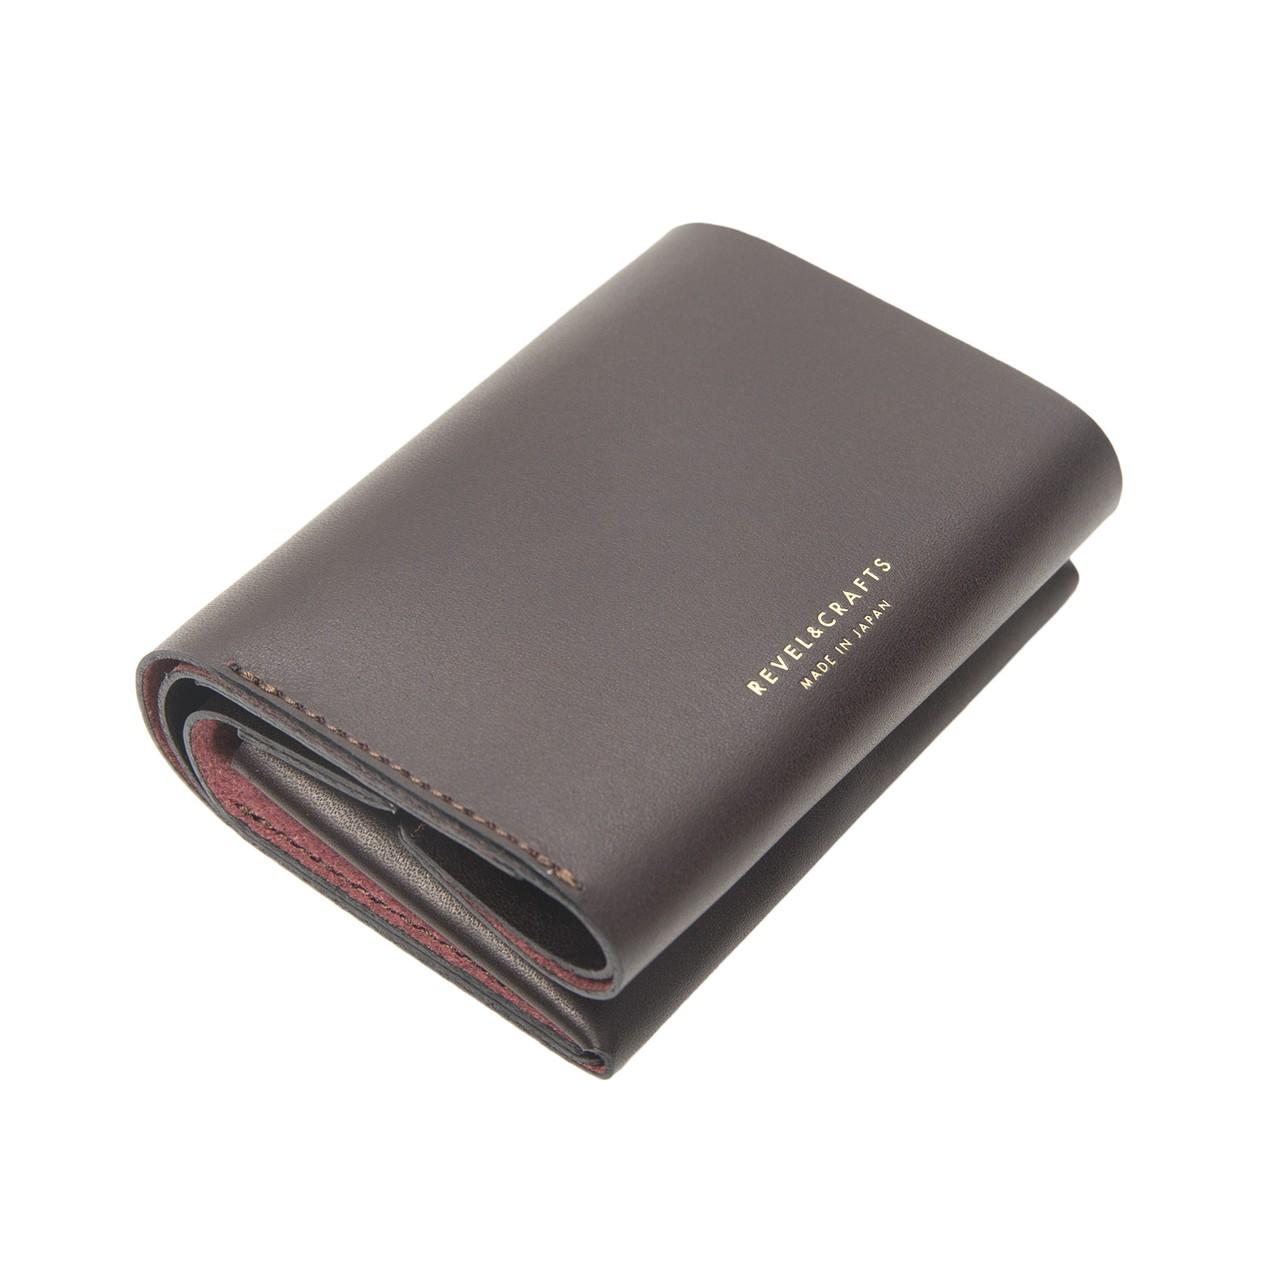 2.5折コンパクト財布 - MINI 2 バーガンディ